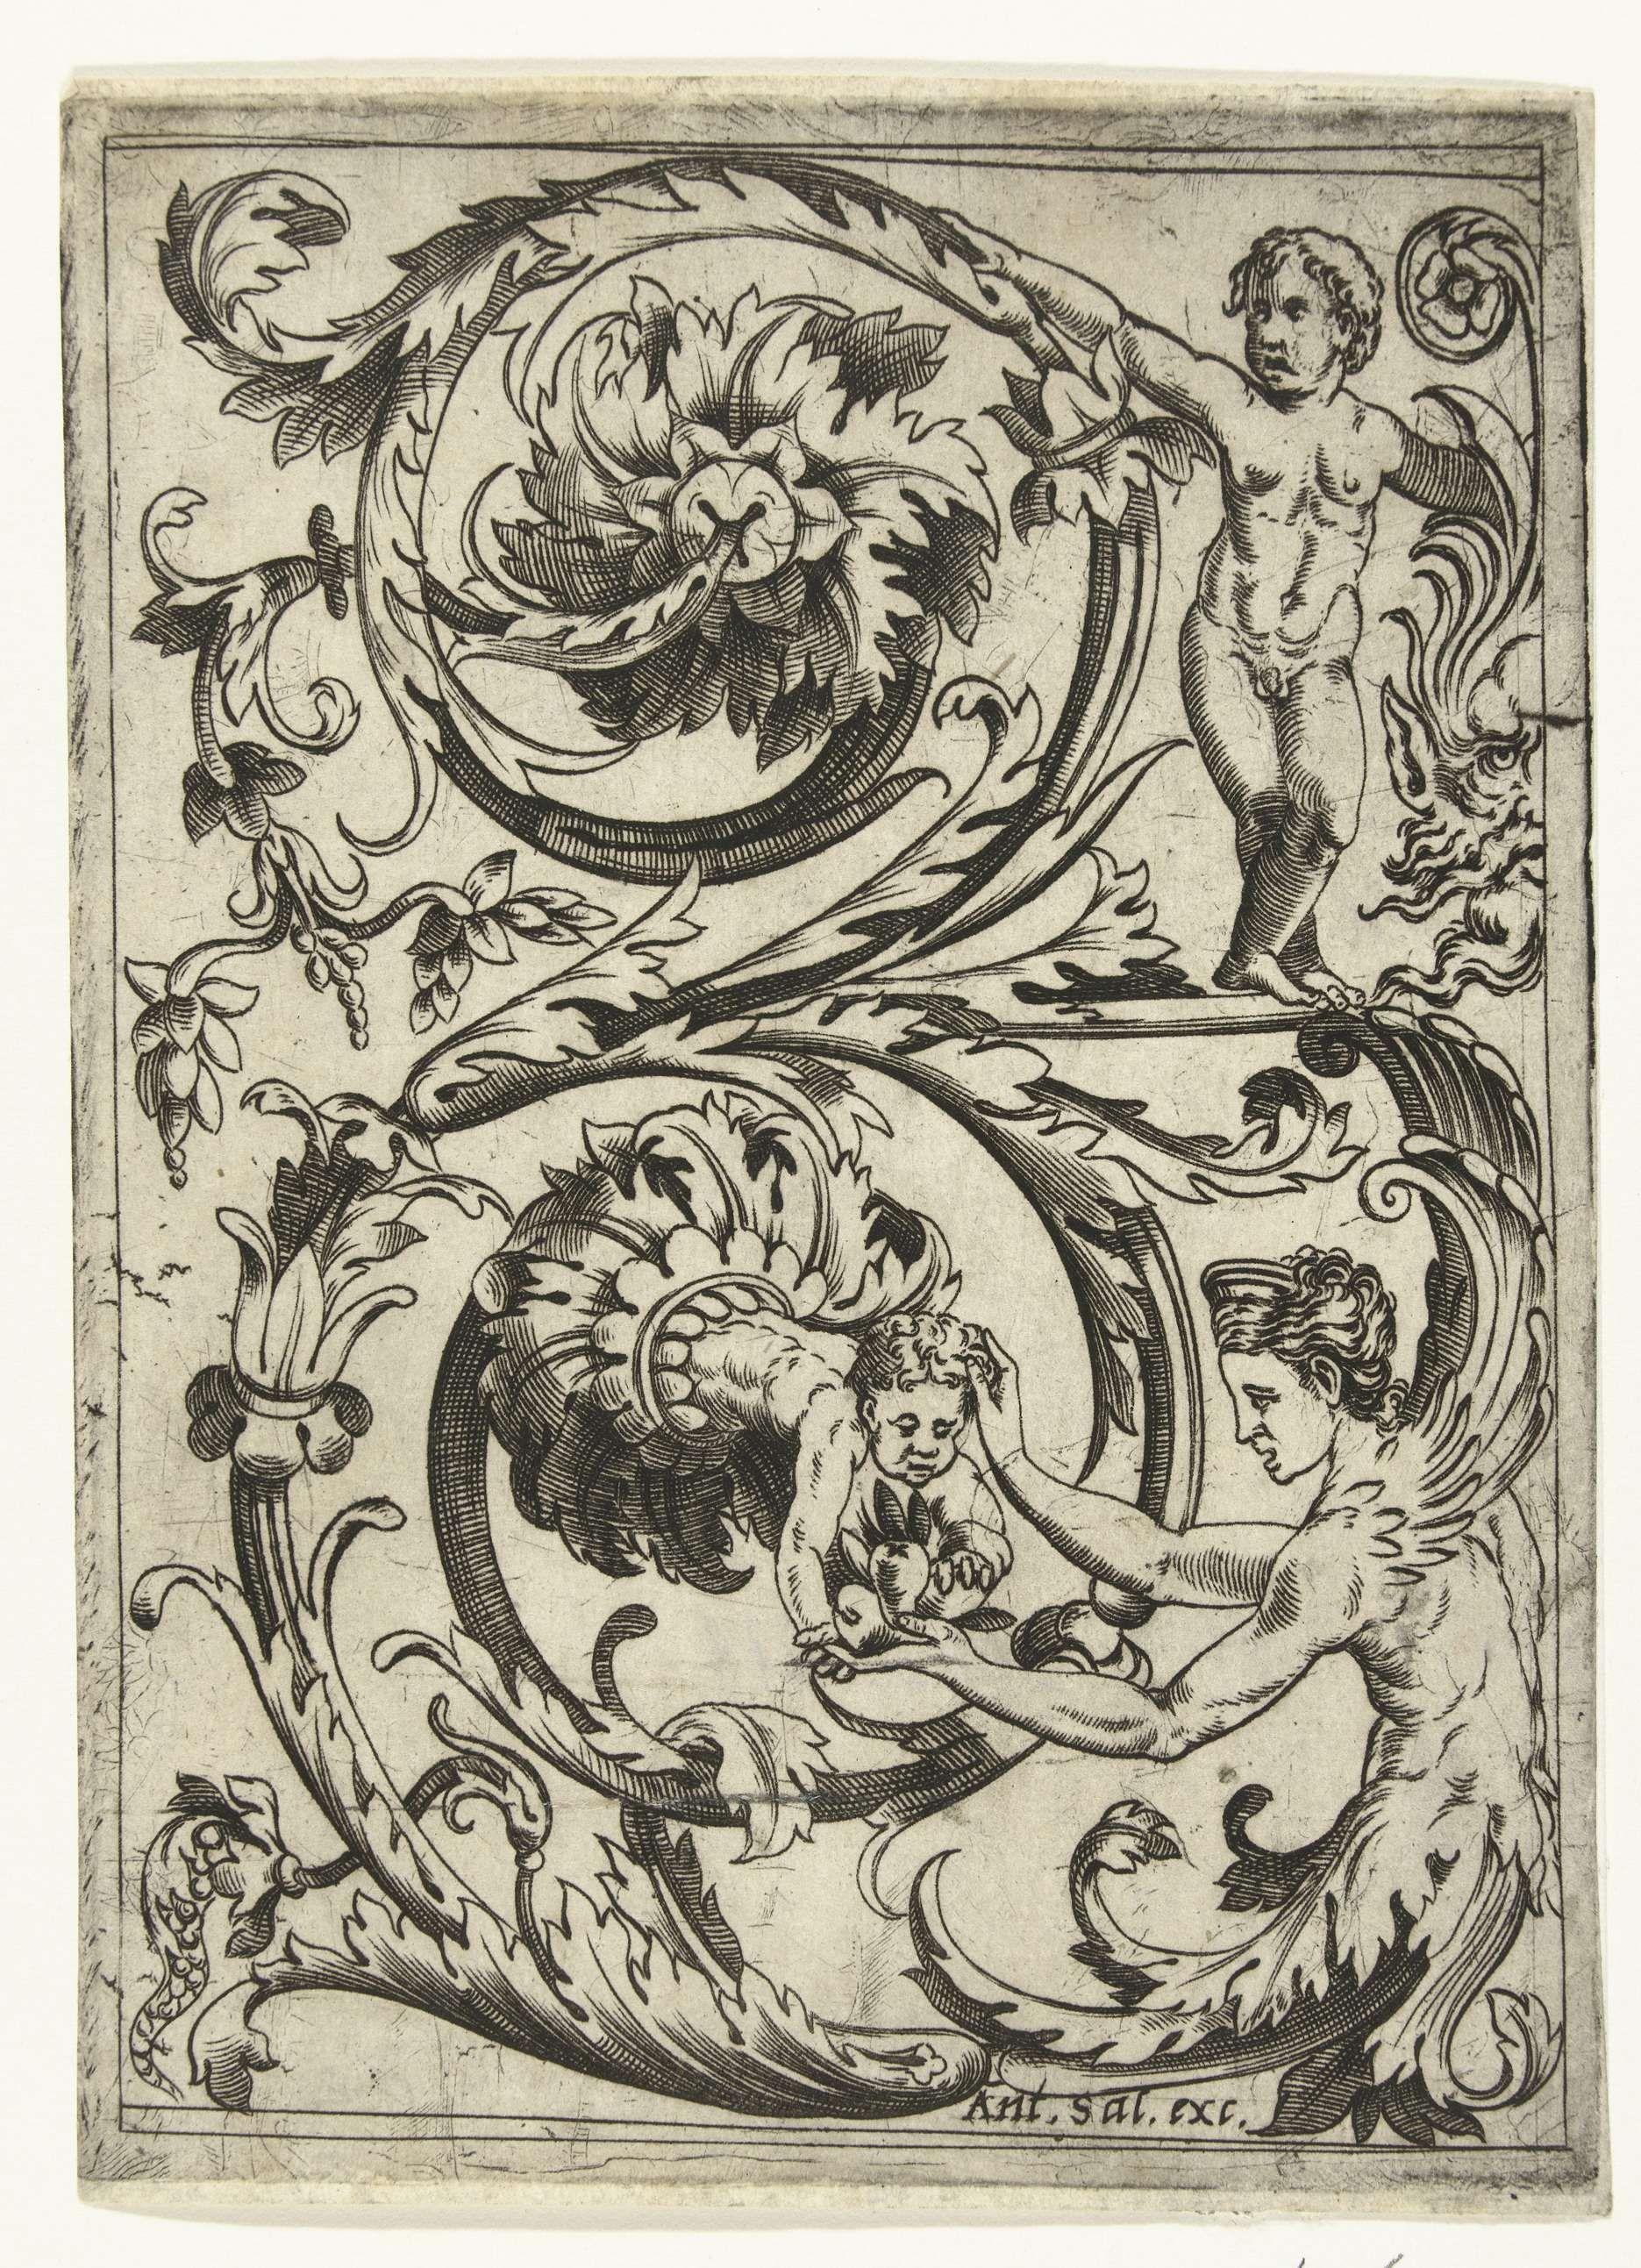 Acanthus Ornament Antonio Salamanca 1490 - 1562